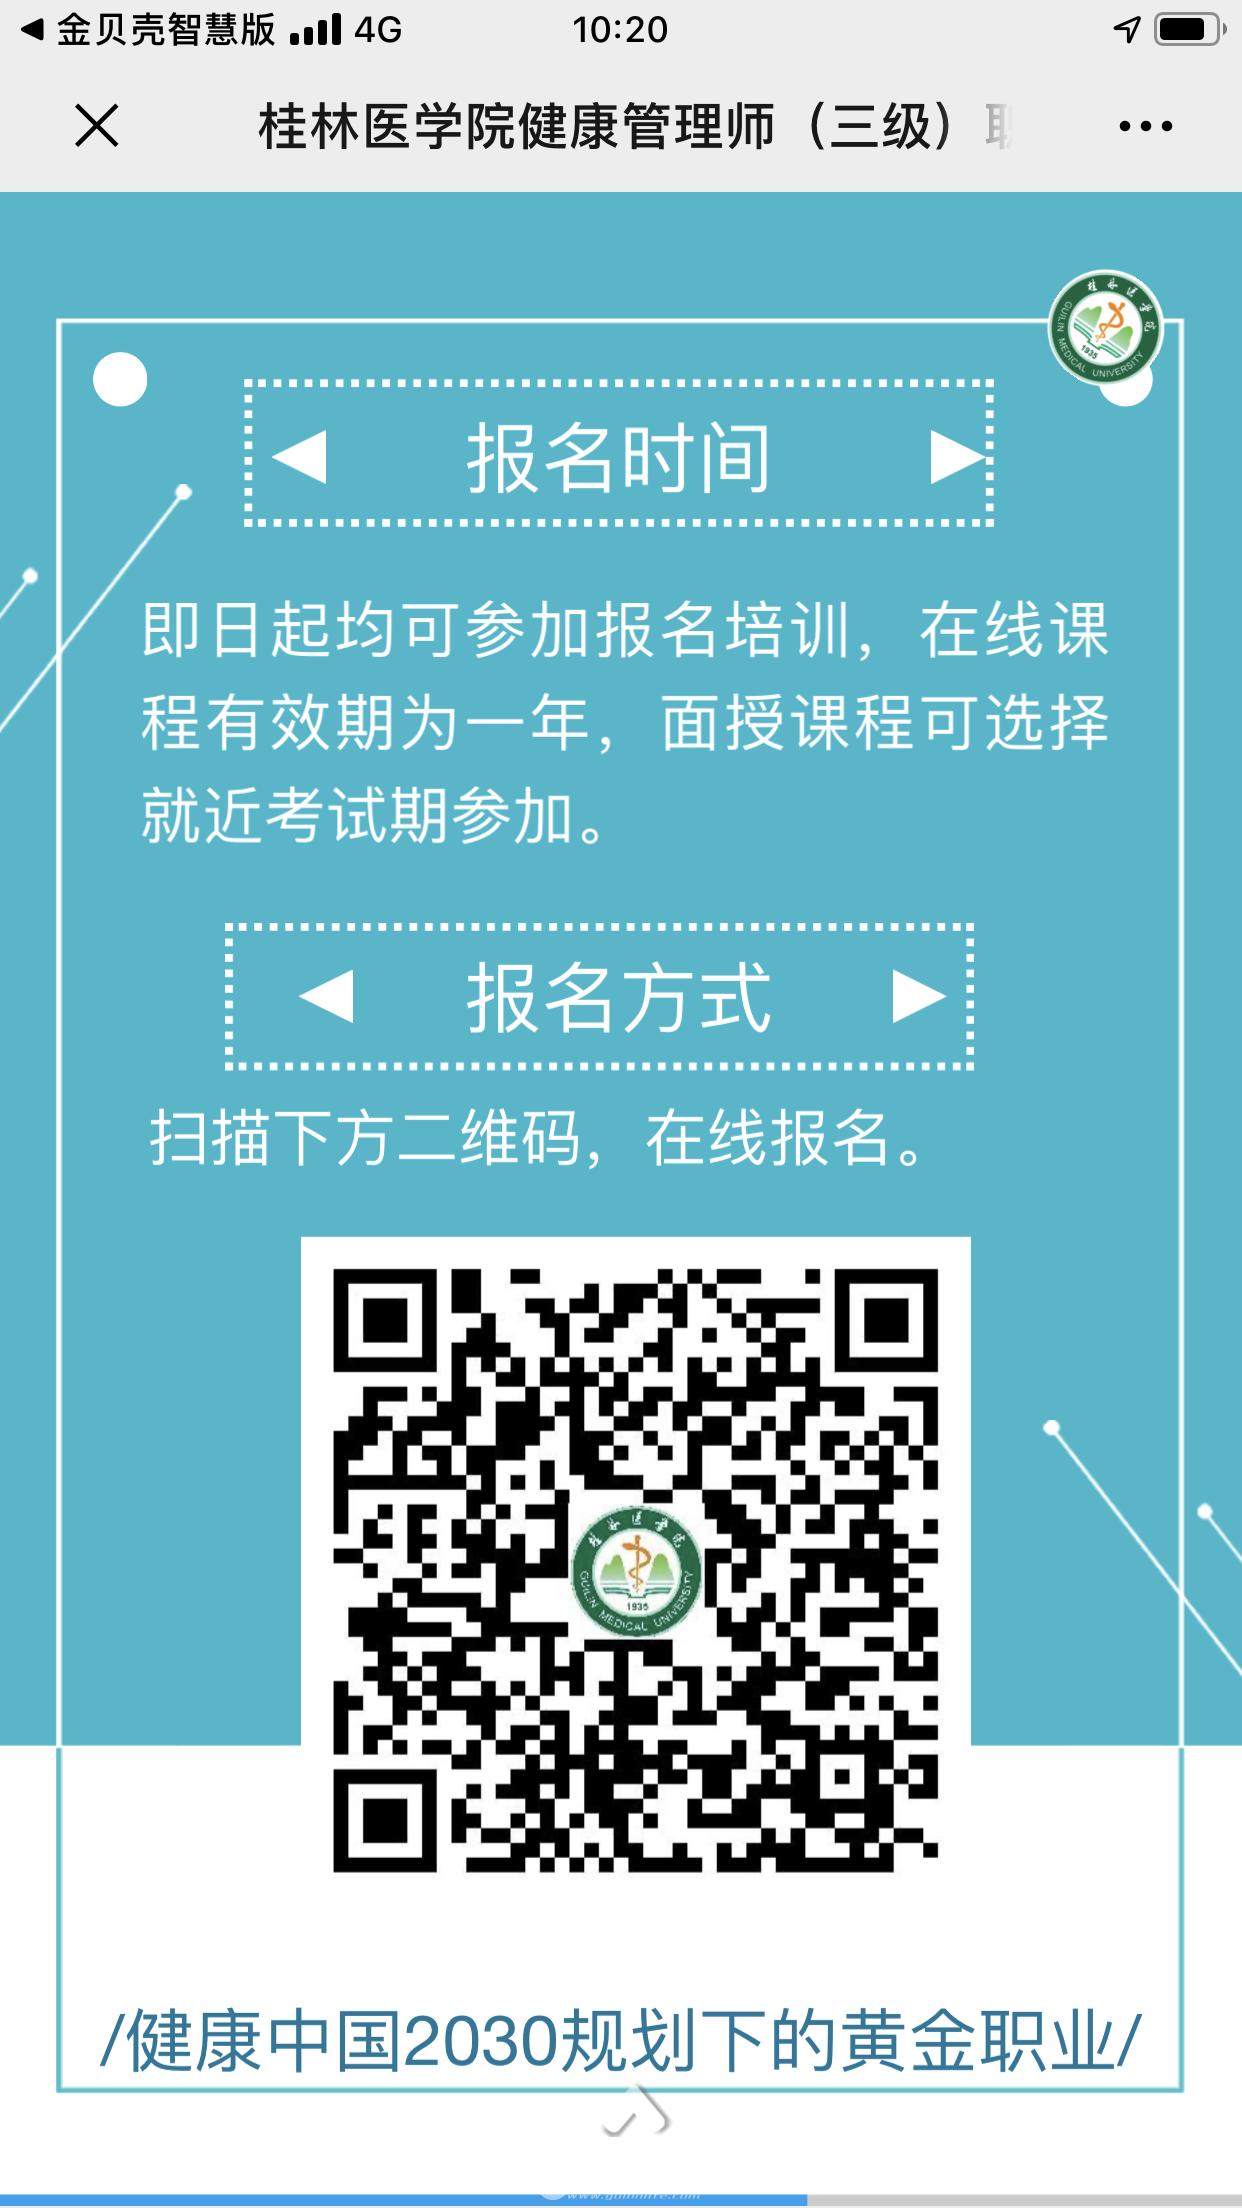 桂林医学院健康管理师培训班长期接收报名(企业职工可到社保局申请2000元的培训补贴)